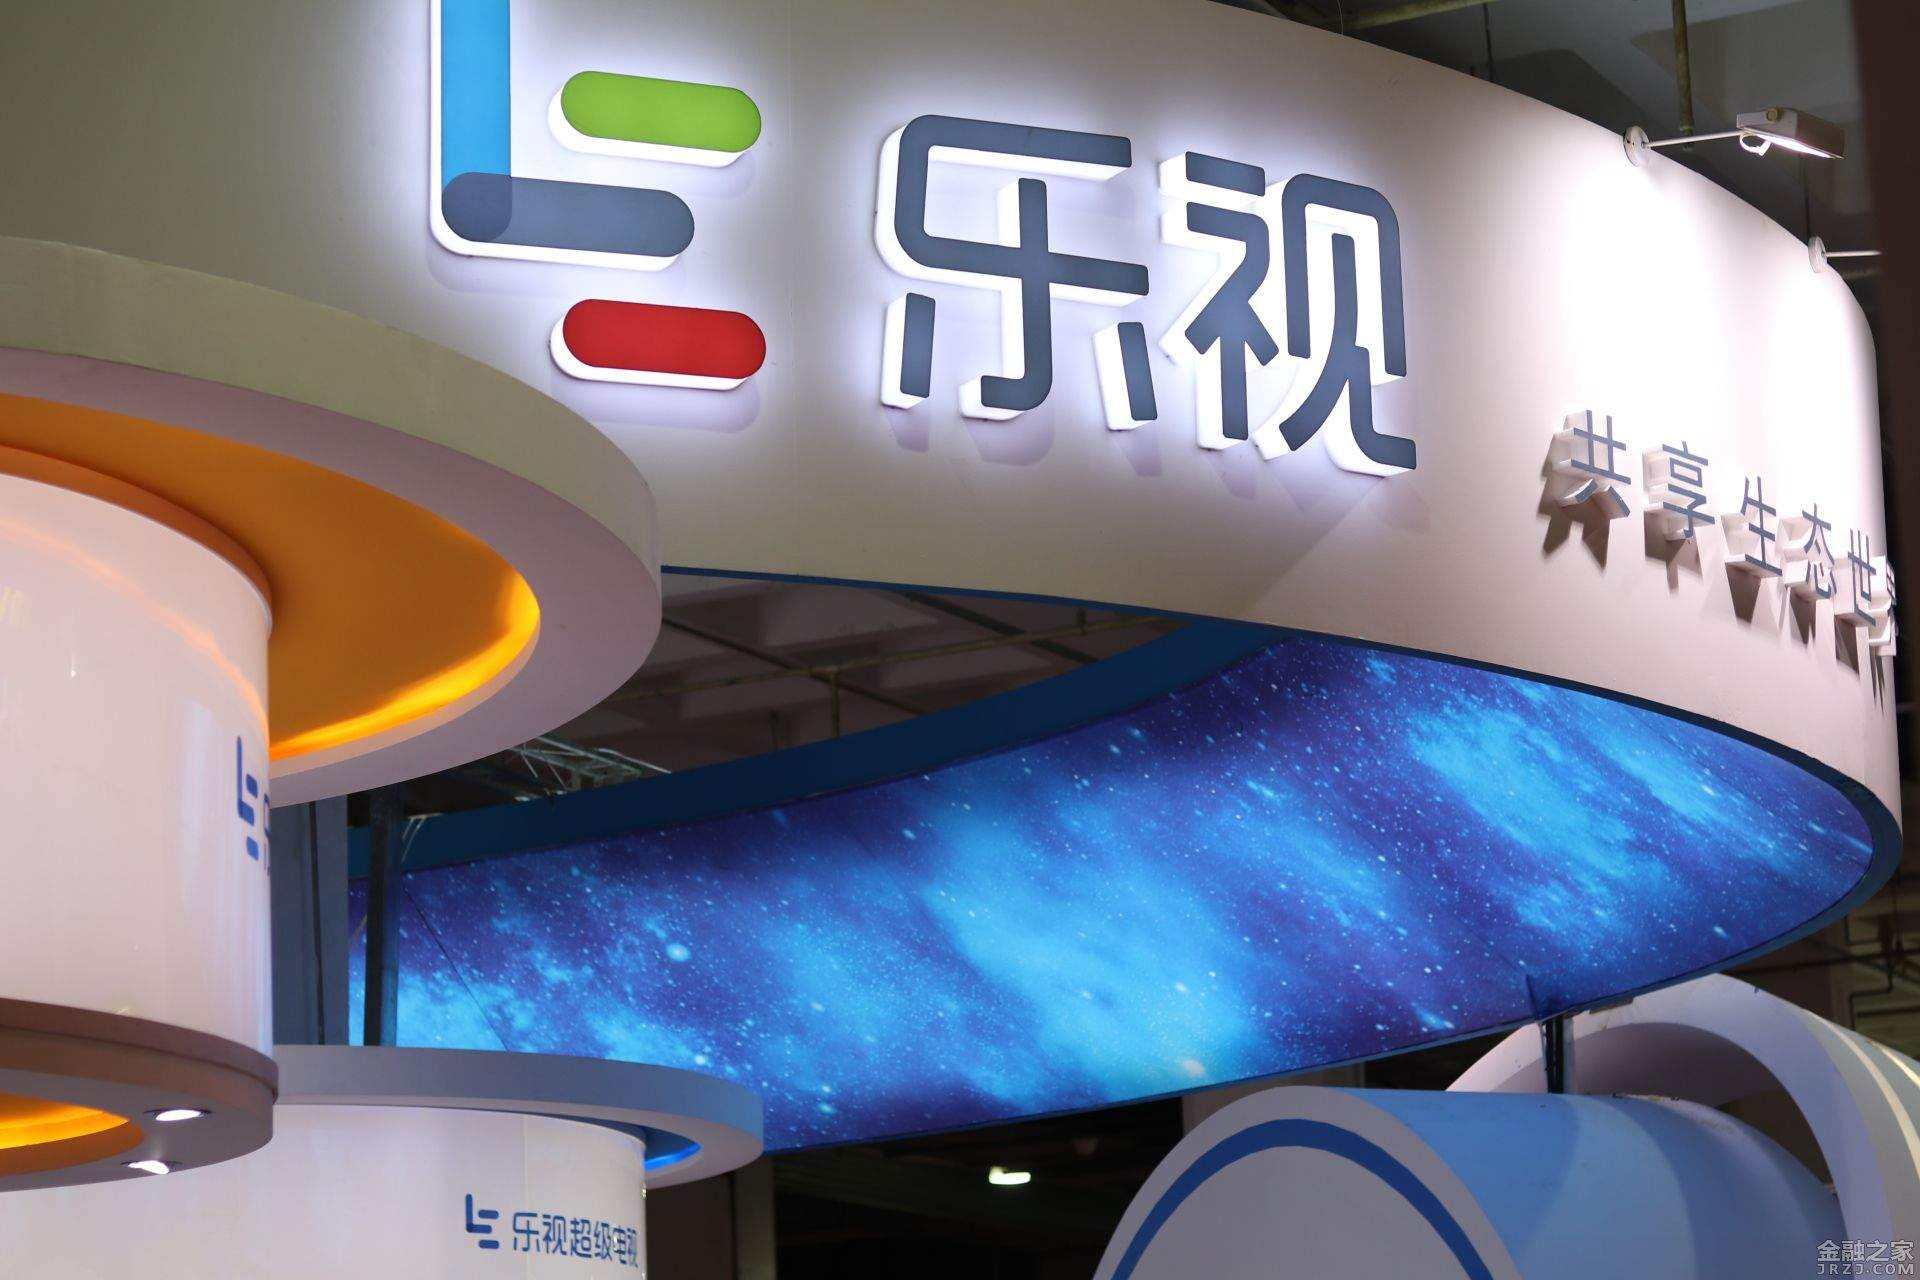 乐视网:公司被起诉类案件合计涉案金额6.75亿元人民币